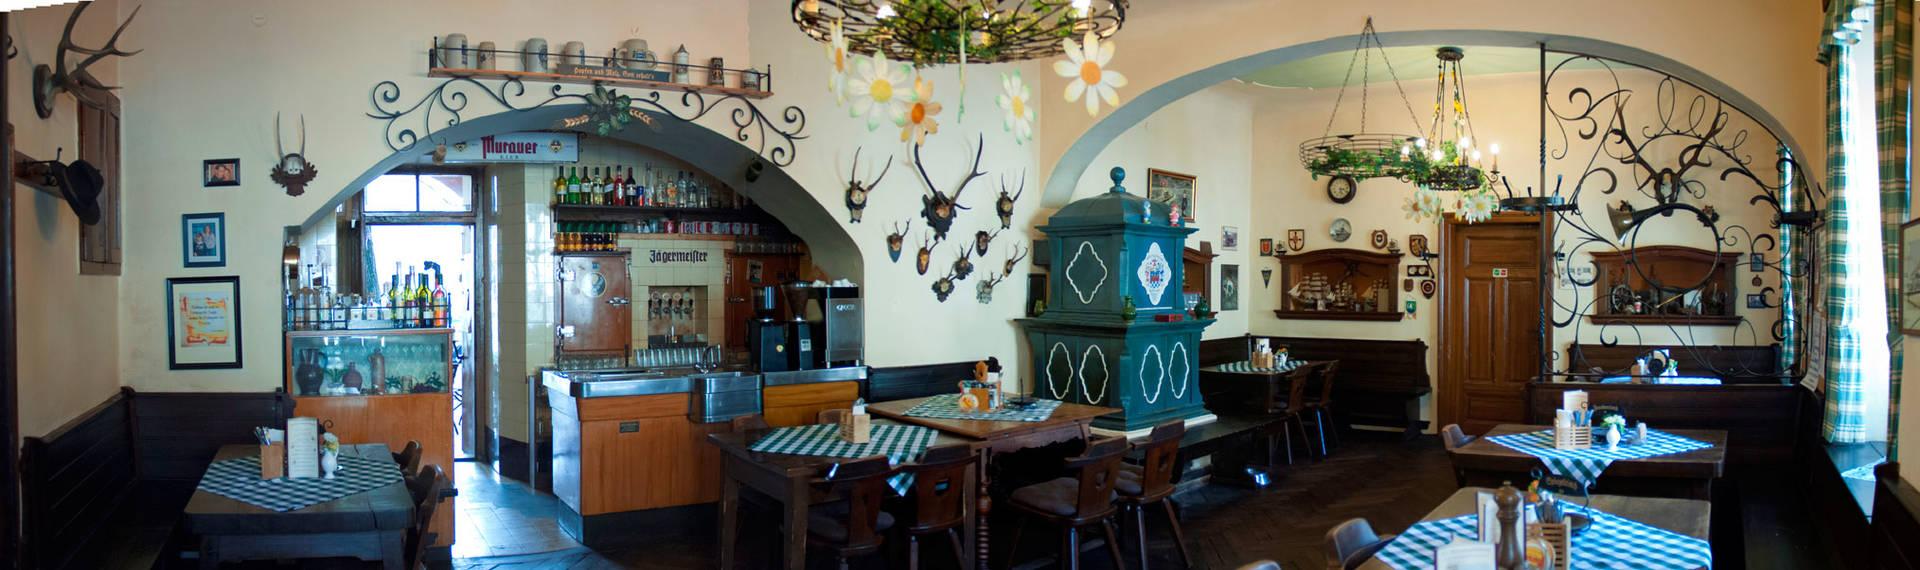 Gaststube Gasthaus zur Linde